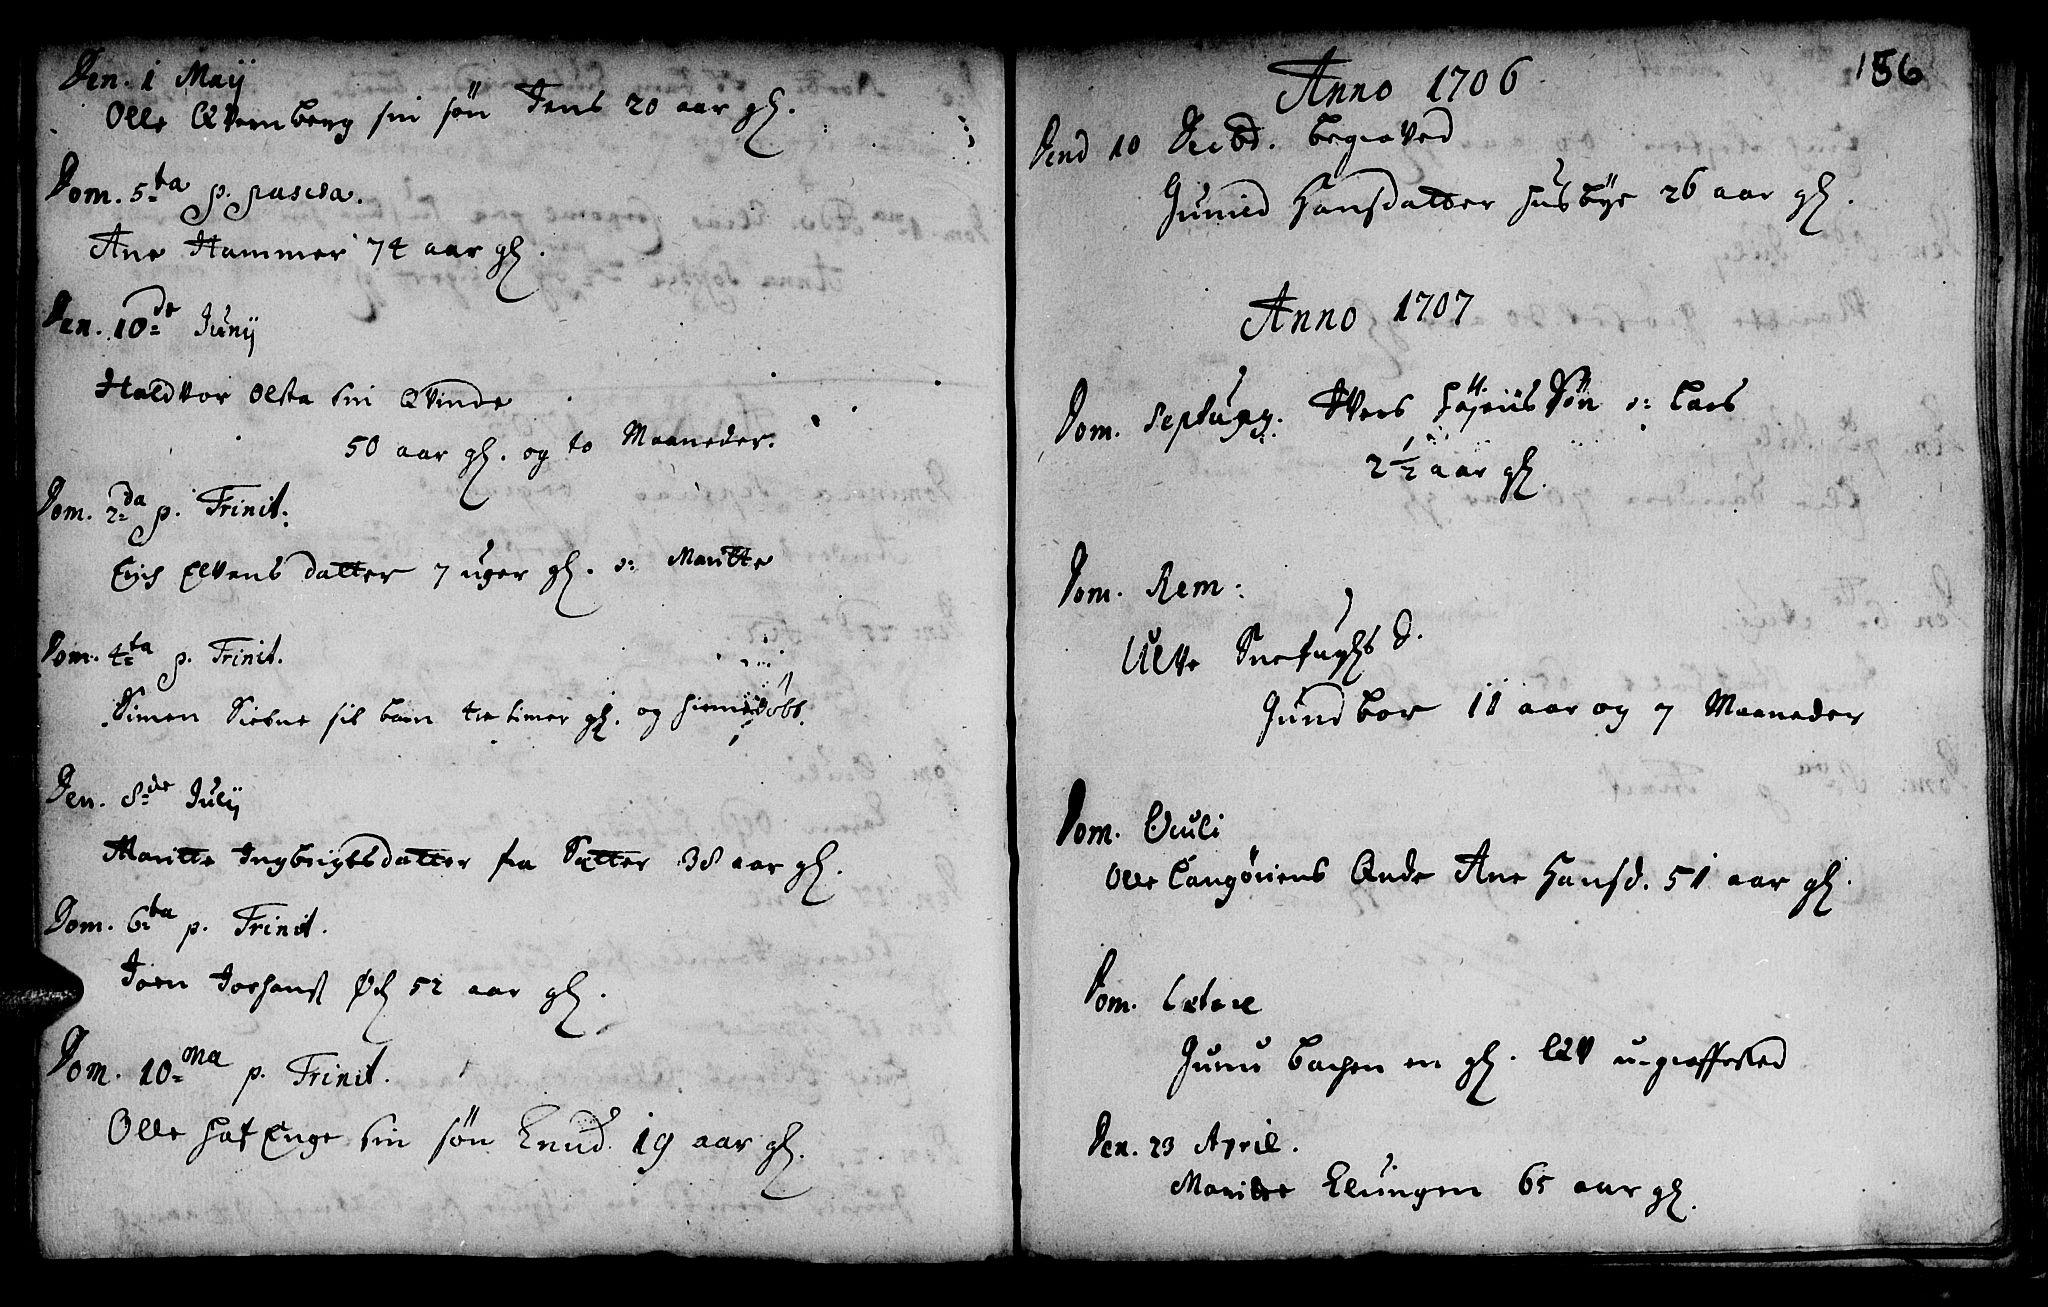 SAT, Ministerialprotokoller, klokkerbøker og fødselsregistre - Sør-Trøndelag, 666/L0783: Ministerialbok nr. 666A01, 1702-1753, s. 156